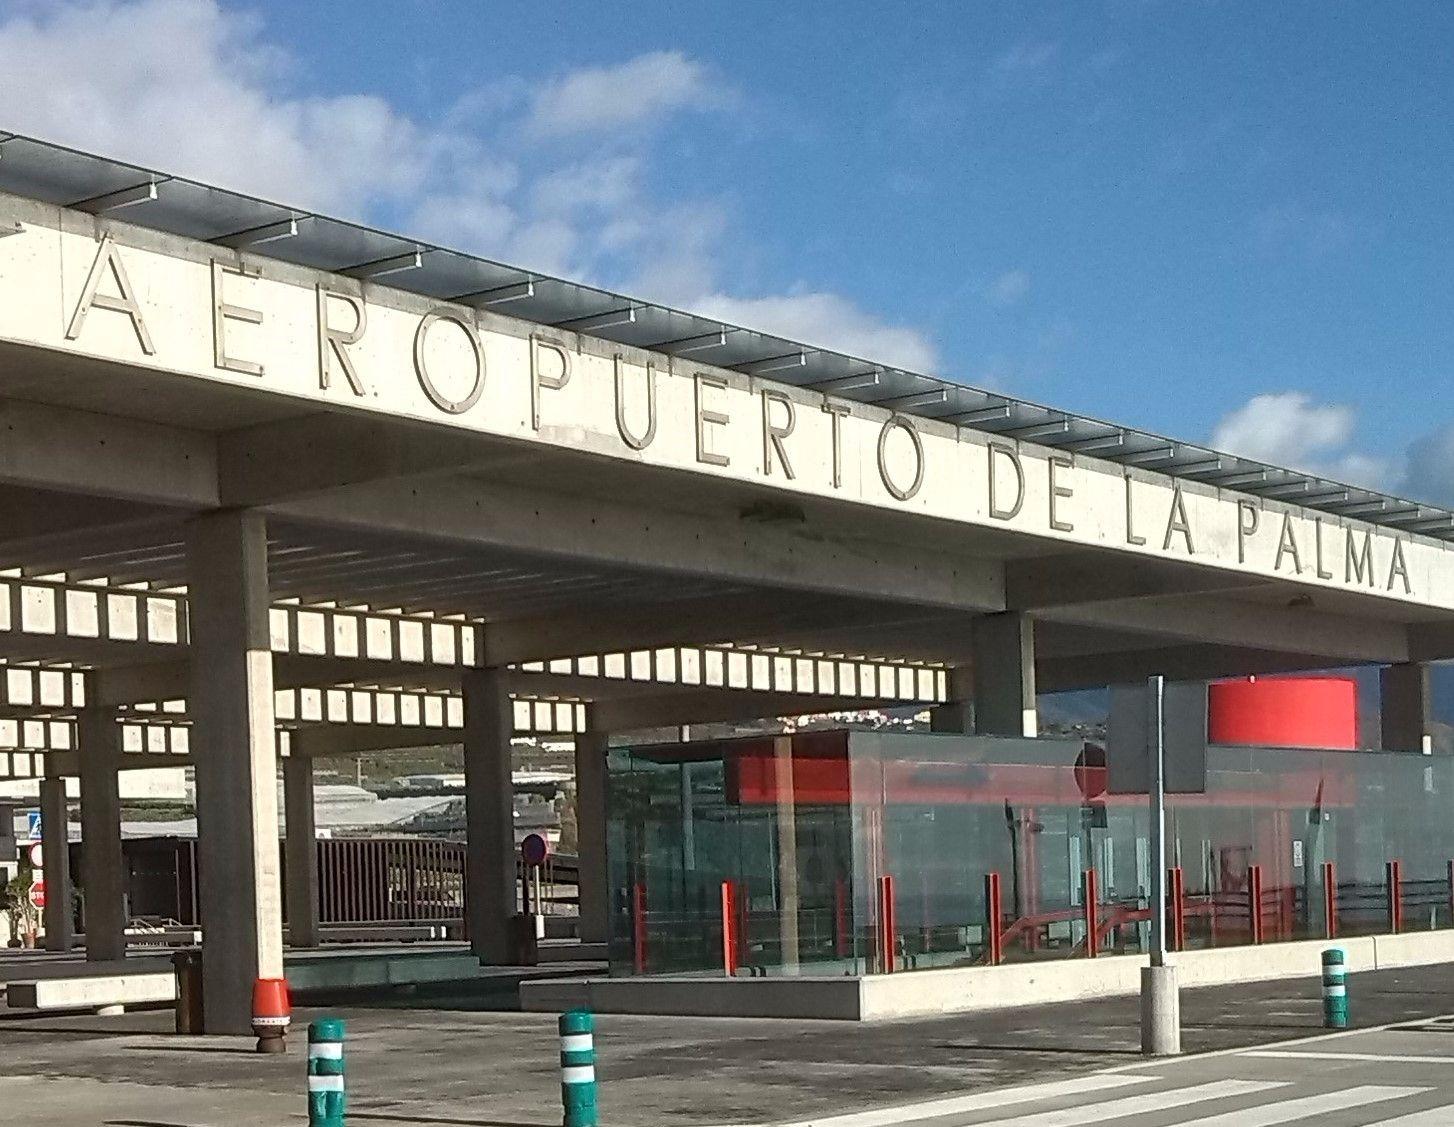 Historic Santa Cruz de la Palma